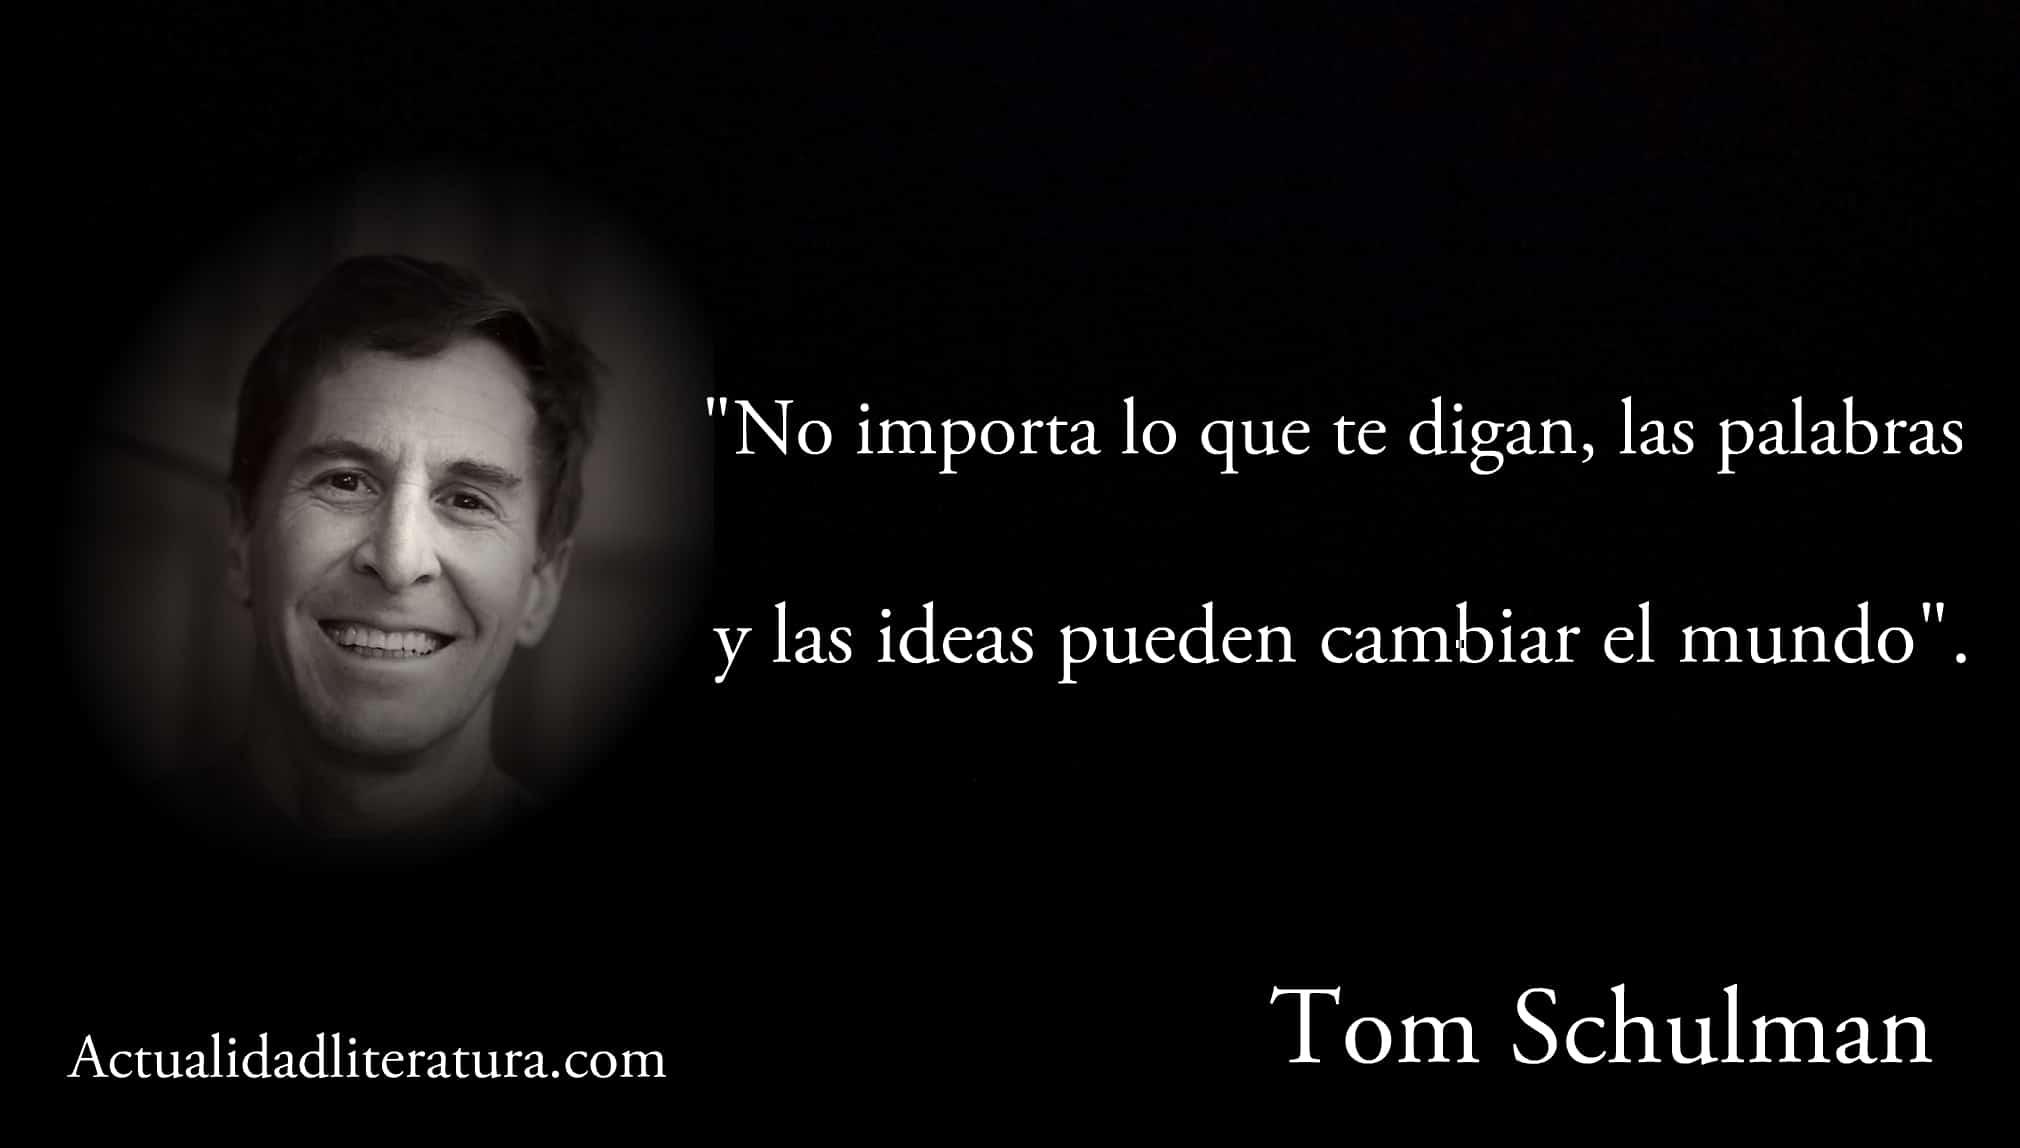 Frase de Tom Schulman.